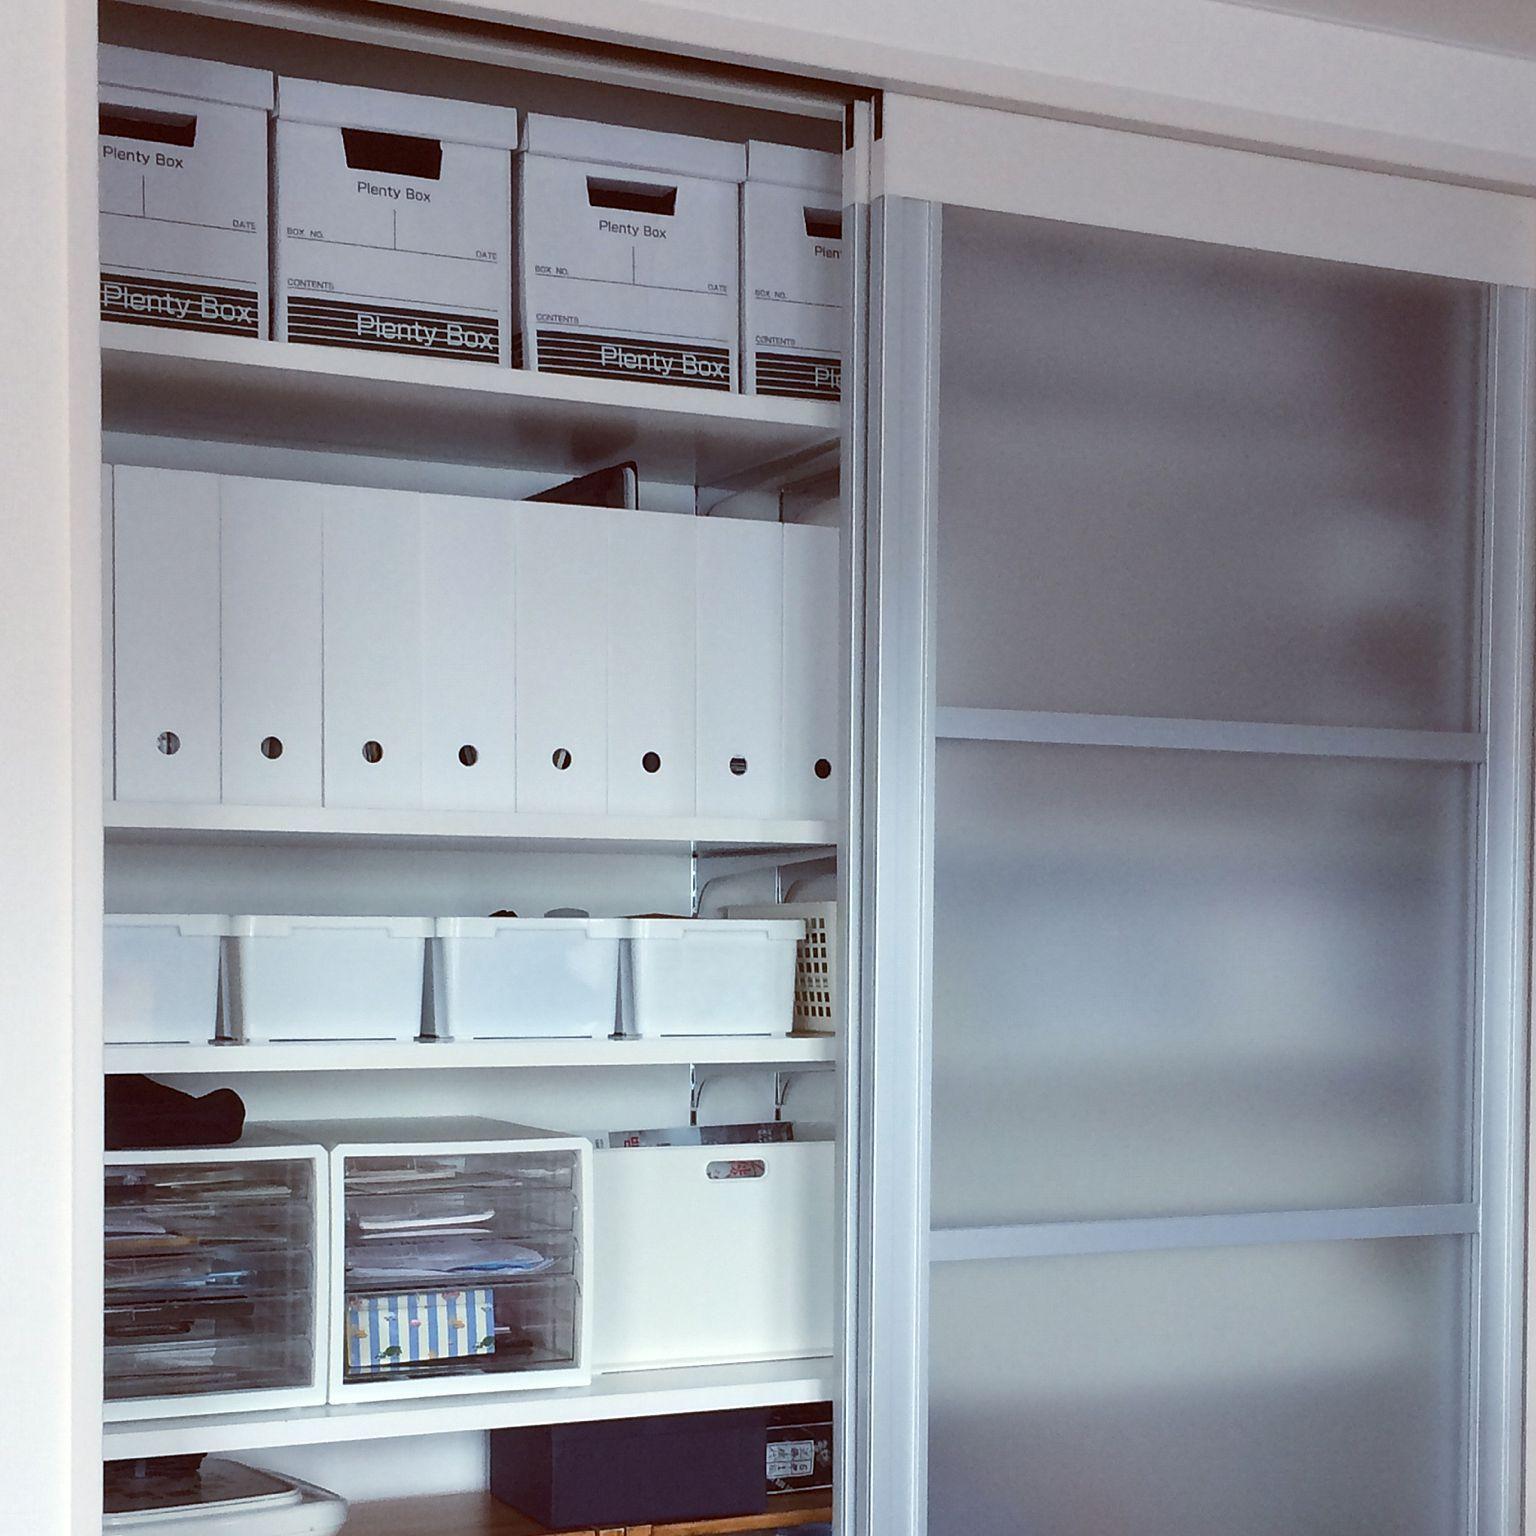 ニトリ 215 リビング収納のインテリア実例 Roomclip ルームクリップ My Shelf ダイソー 収納